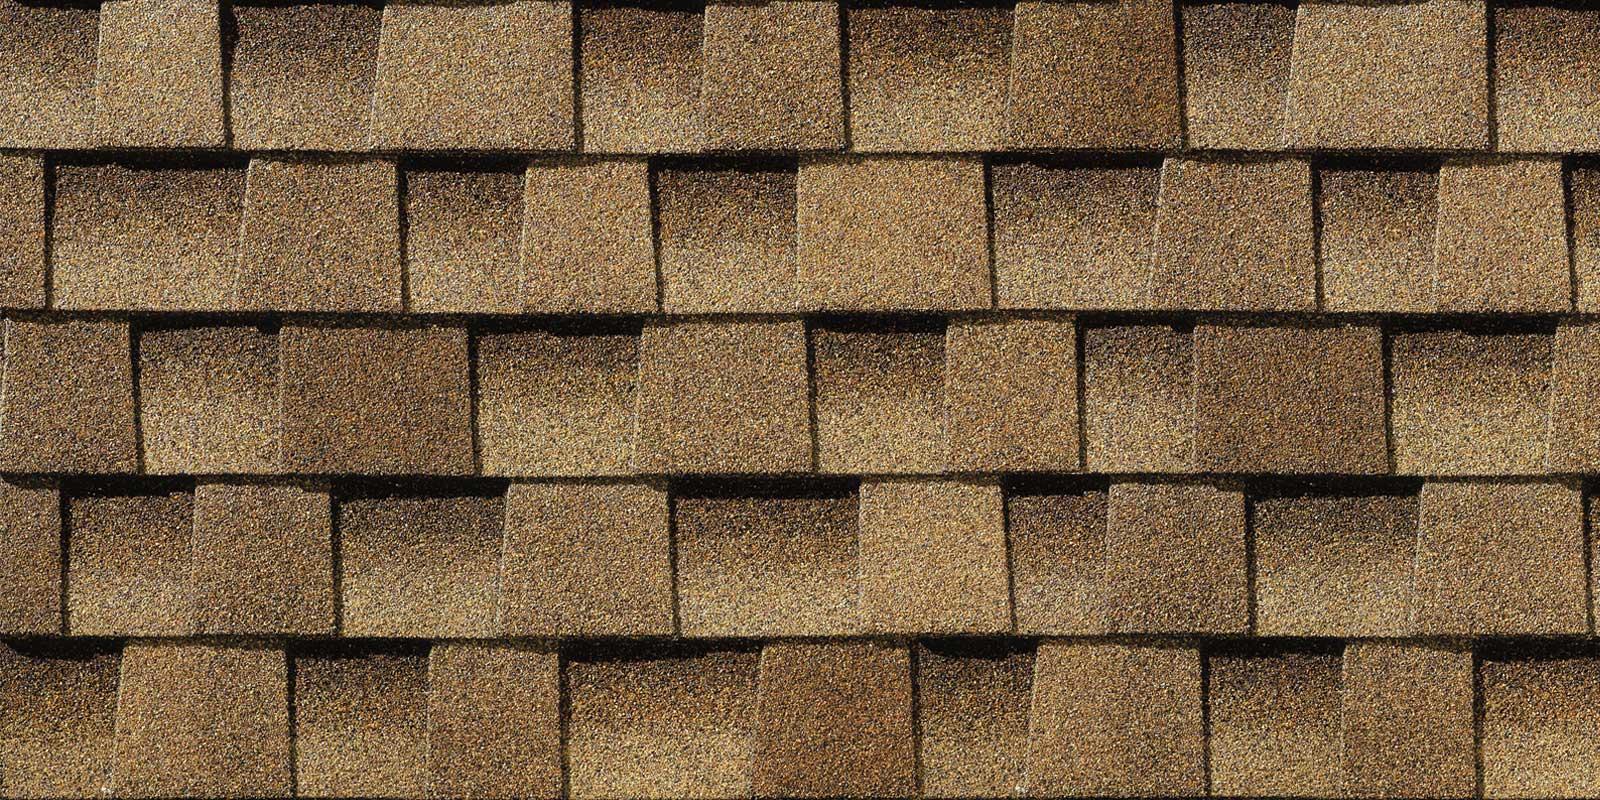 Zdjęcie produktu jakim jest gont bitumiczny amerykańskiej firmy GAF z linii Timberline HD, pokrycia dachowe